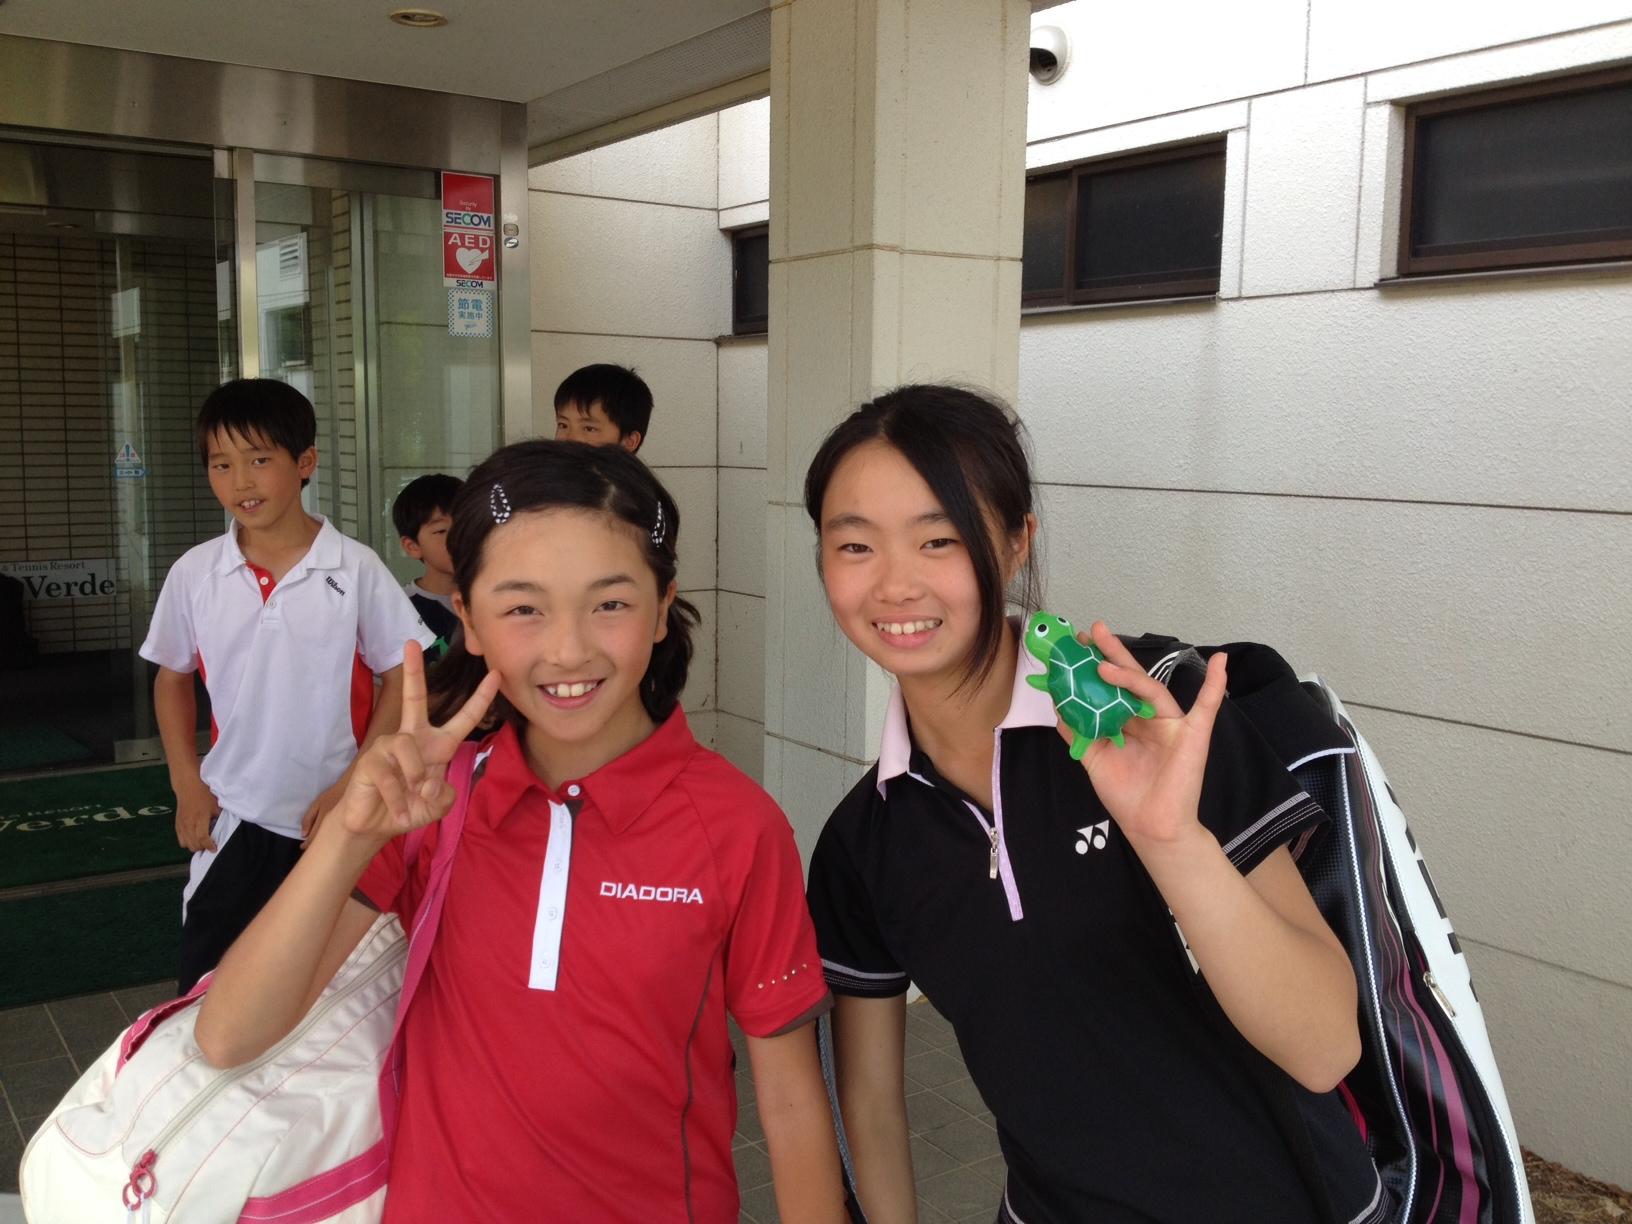 関東小学生4 関東小学生4 | ClubVerde | クラブヴェルデ(旧パパステニスクラブ)